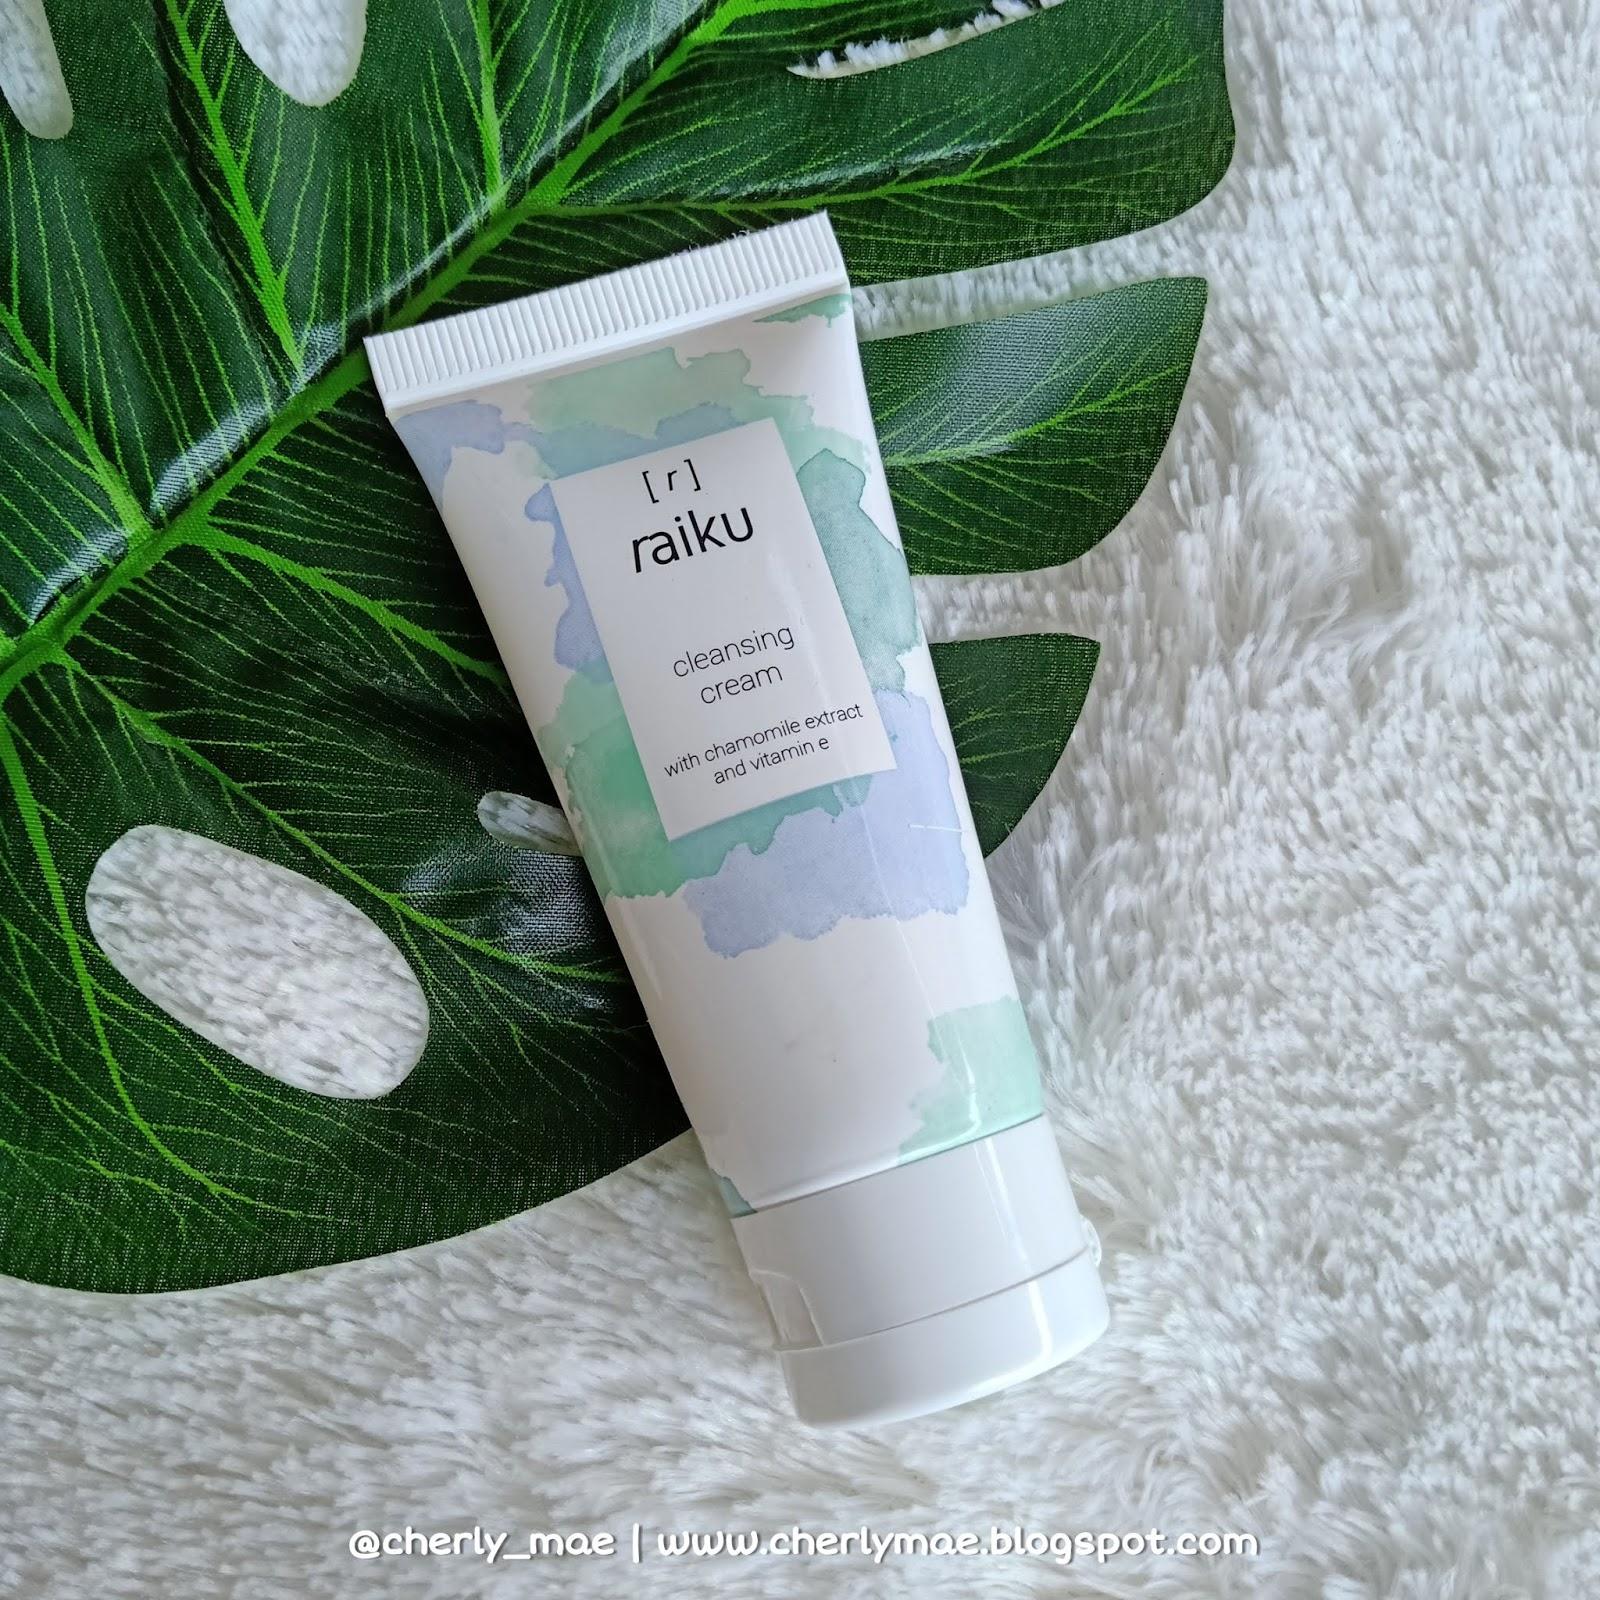 ec4efdca23d Review Raiku Skincare Cleanser dan Anti Aging Series